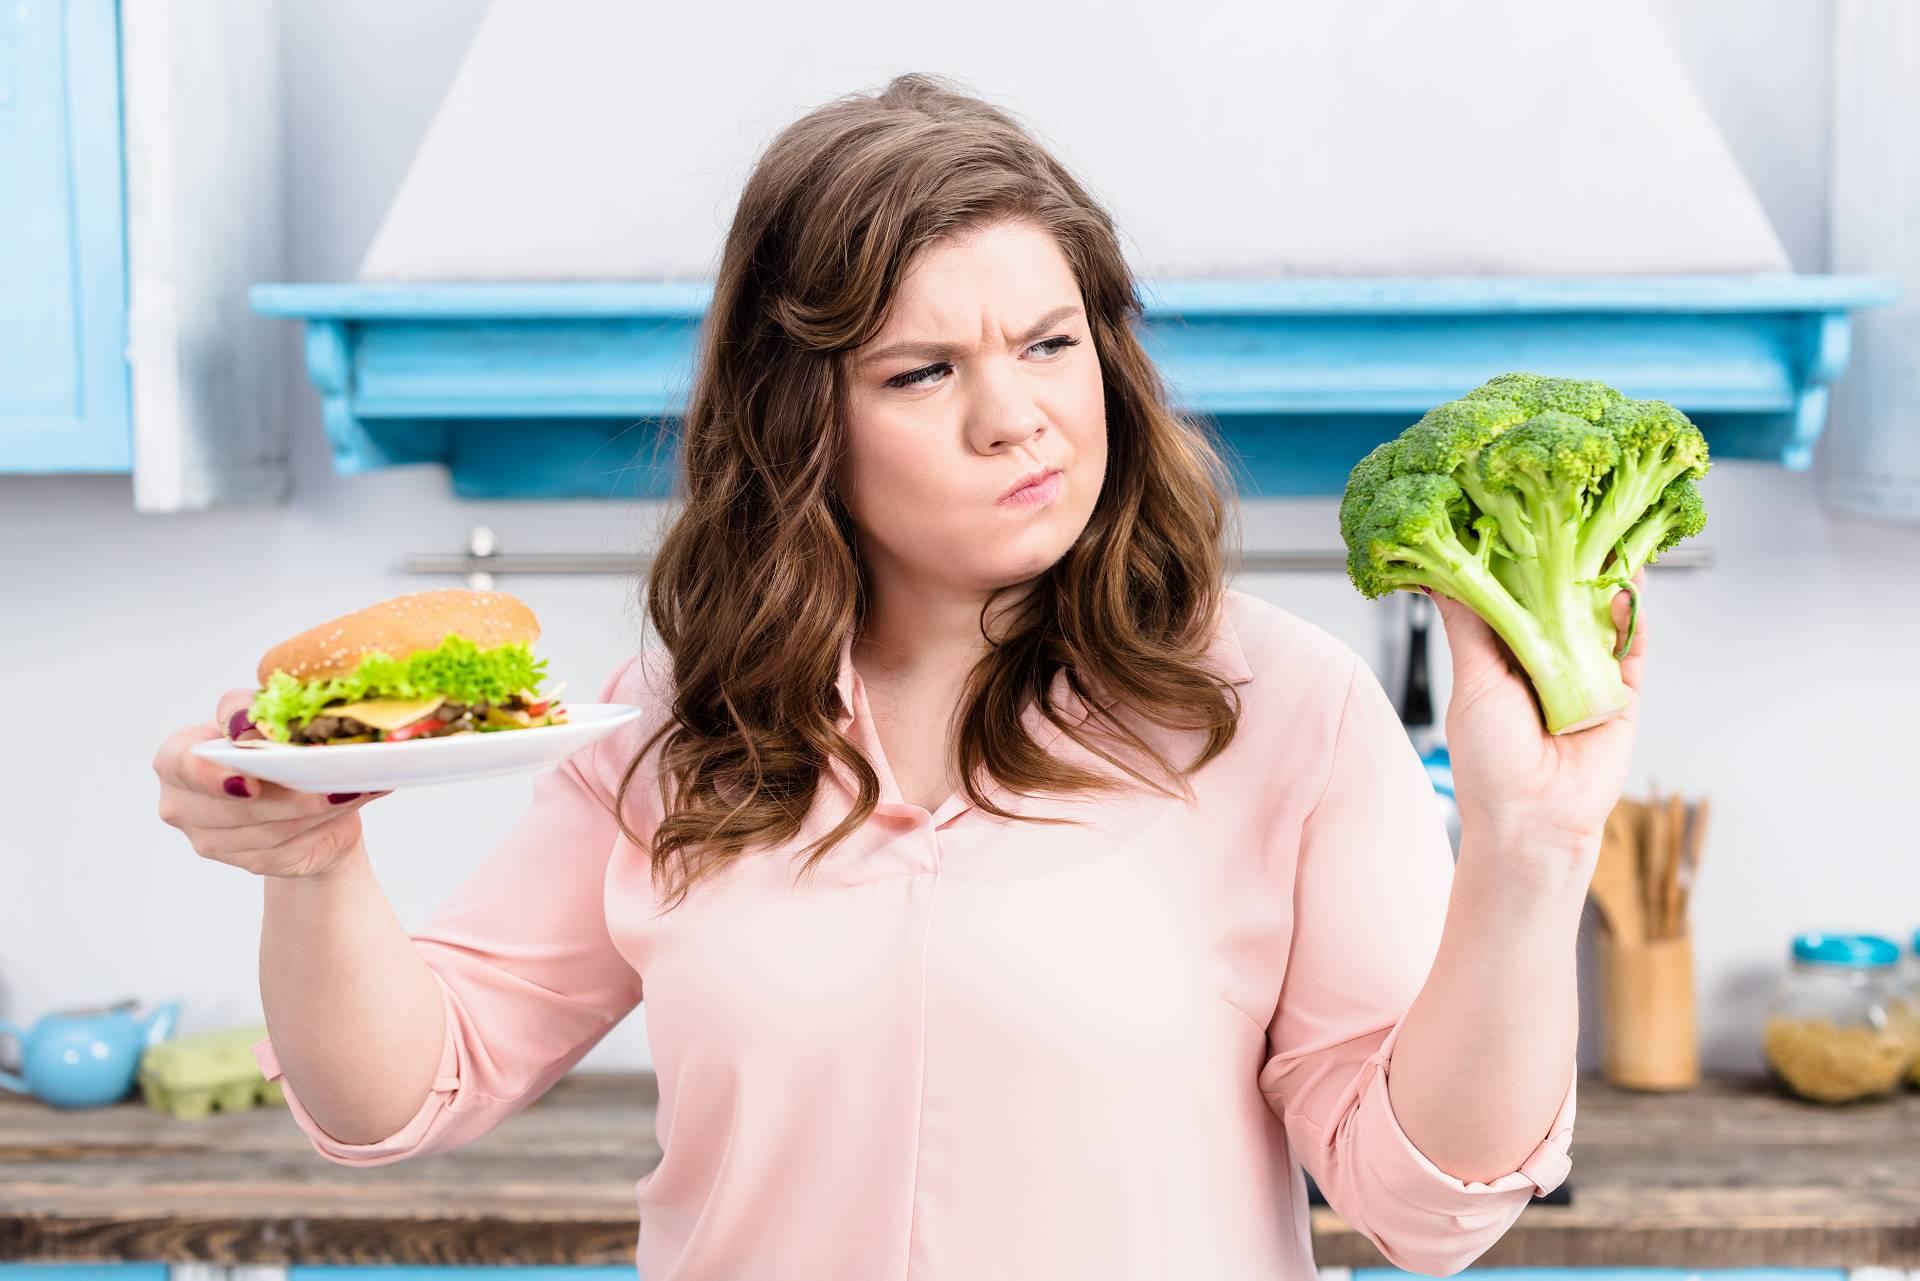 Anti Diet Culture: Eine sachliche Betrachtung eines neuzeitlichen Phänomens